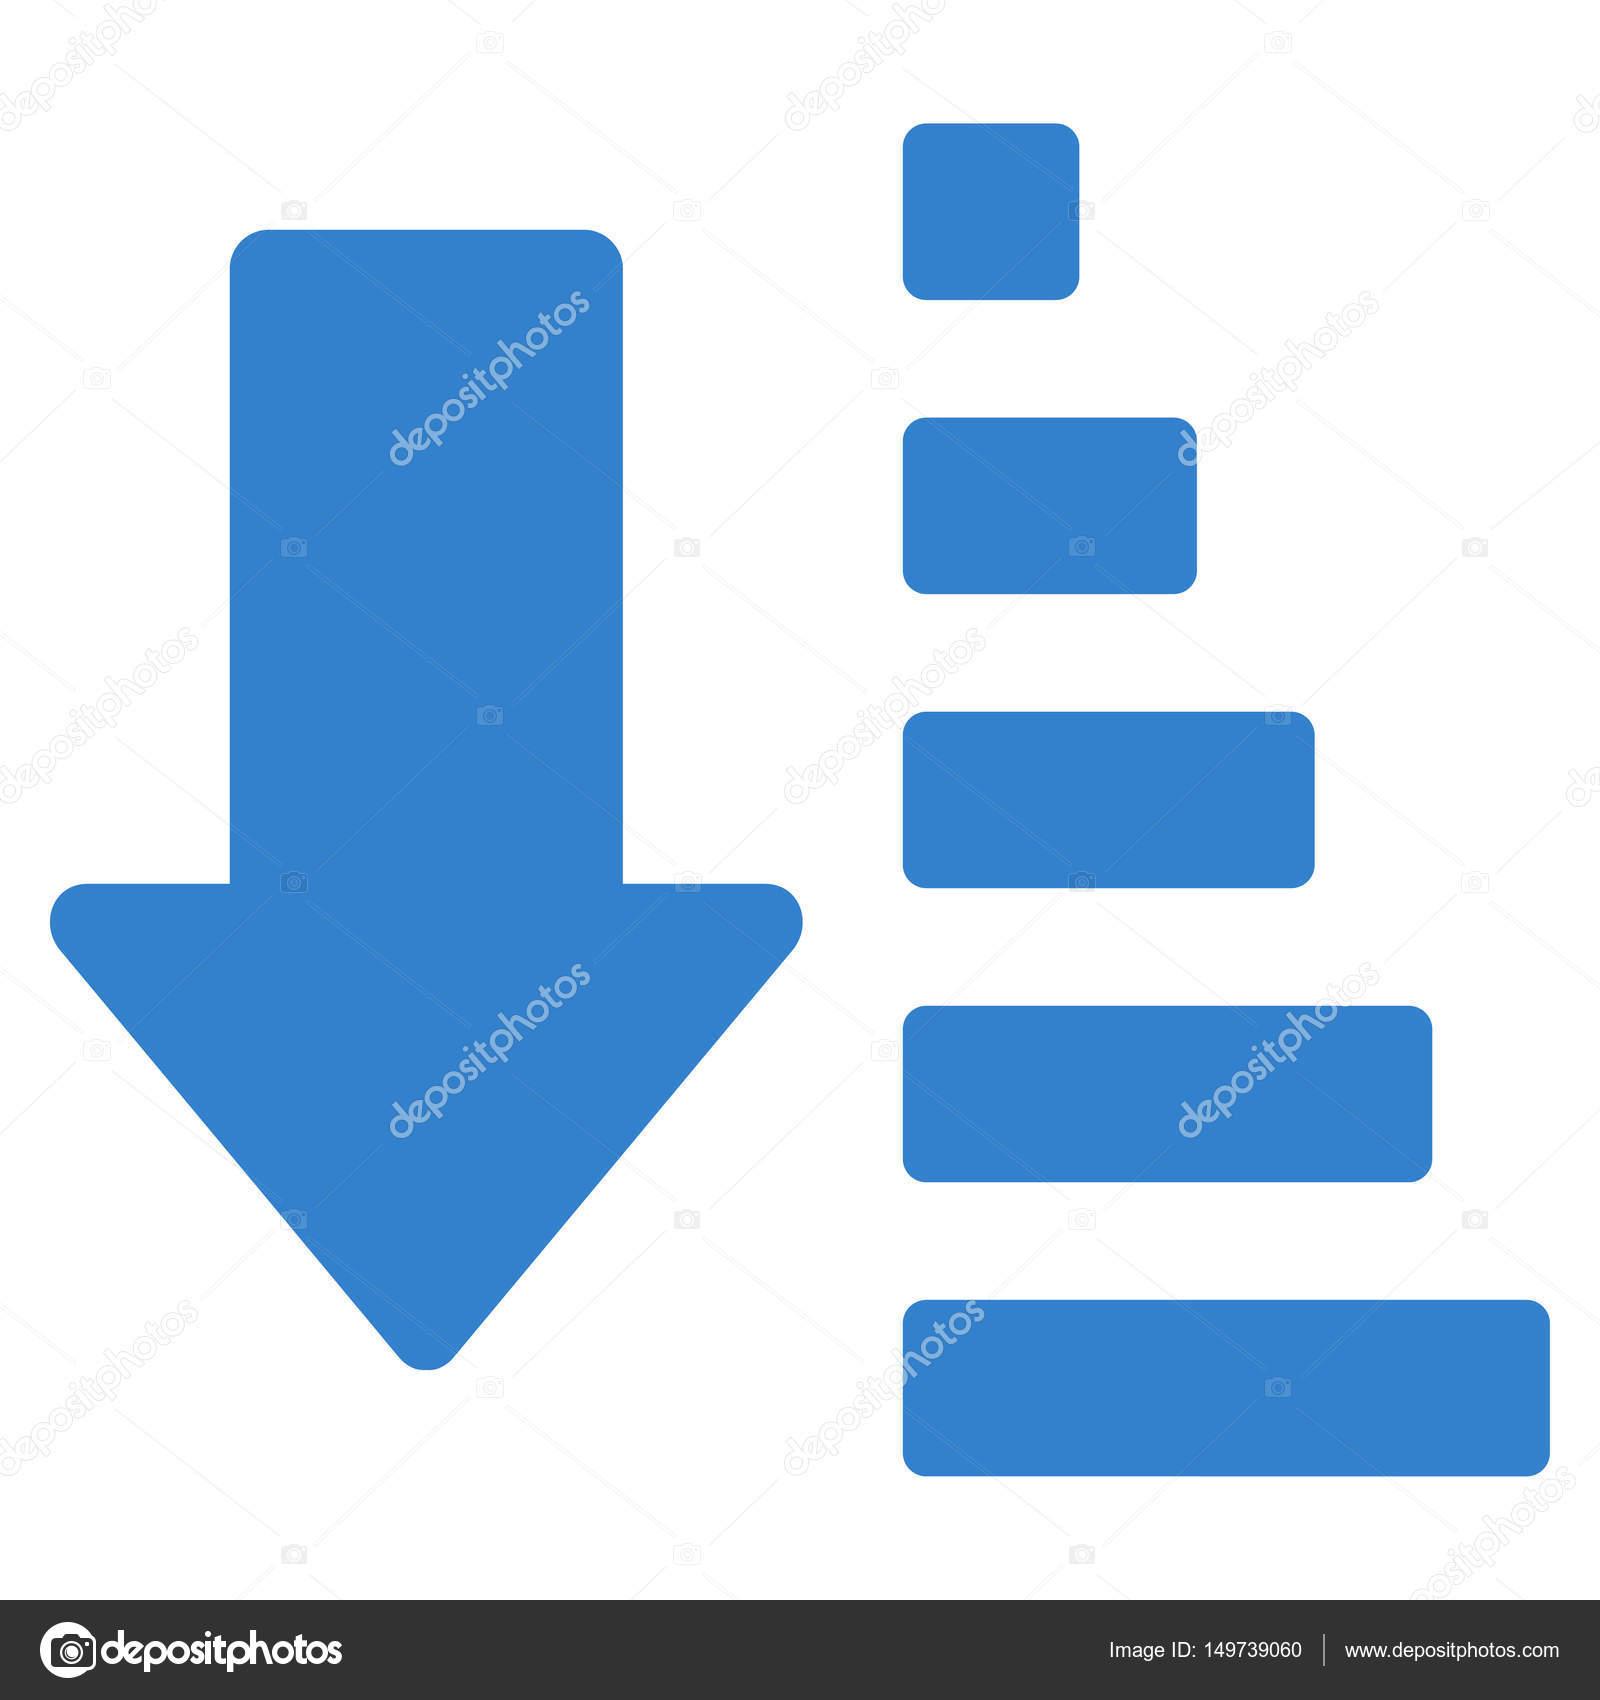 下箭头平面矢量图标排序